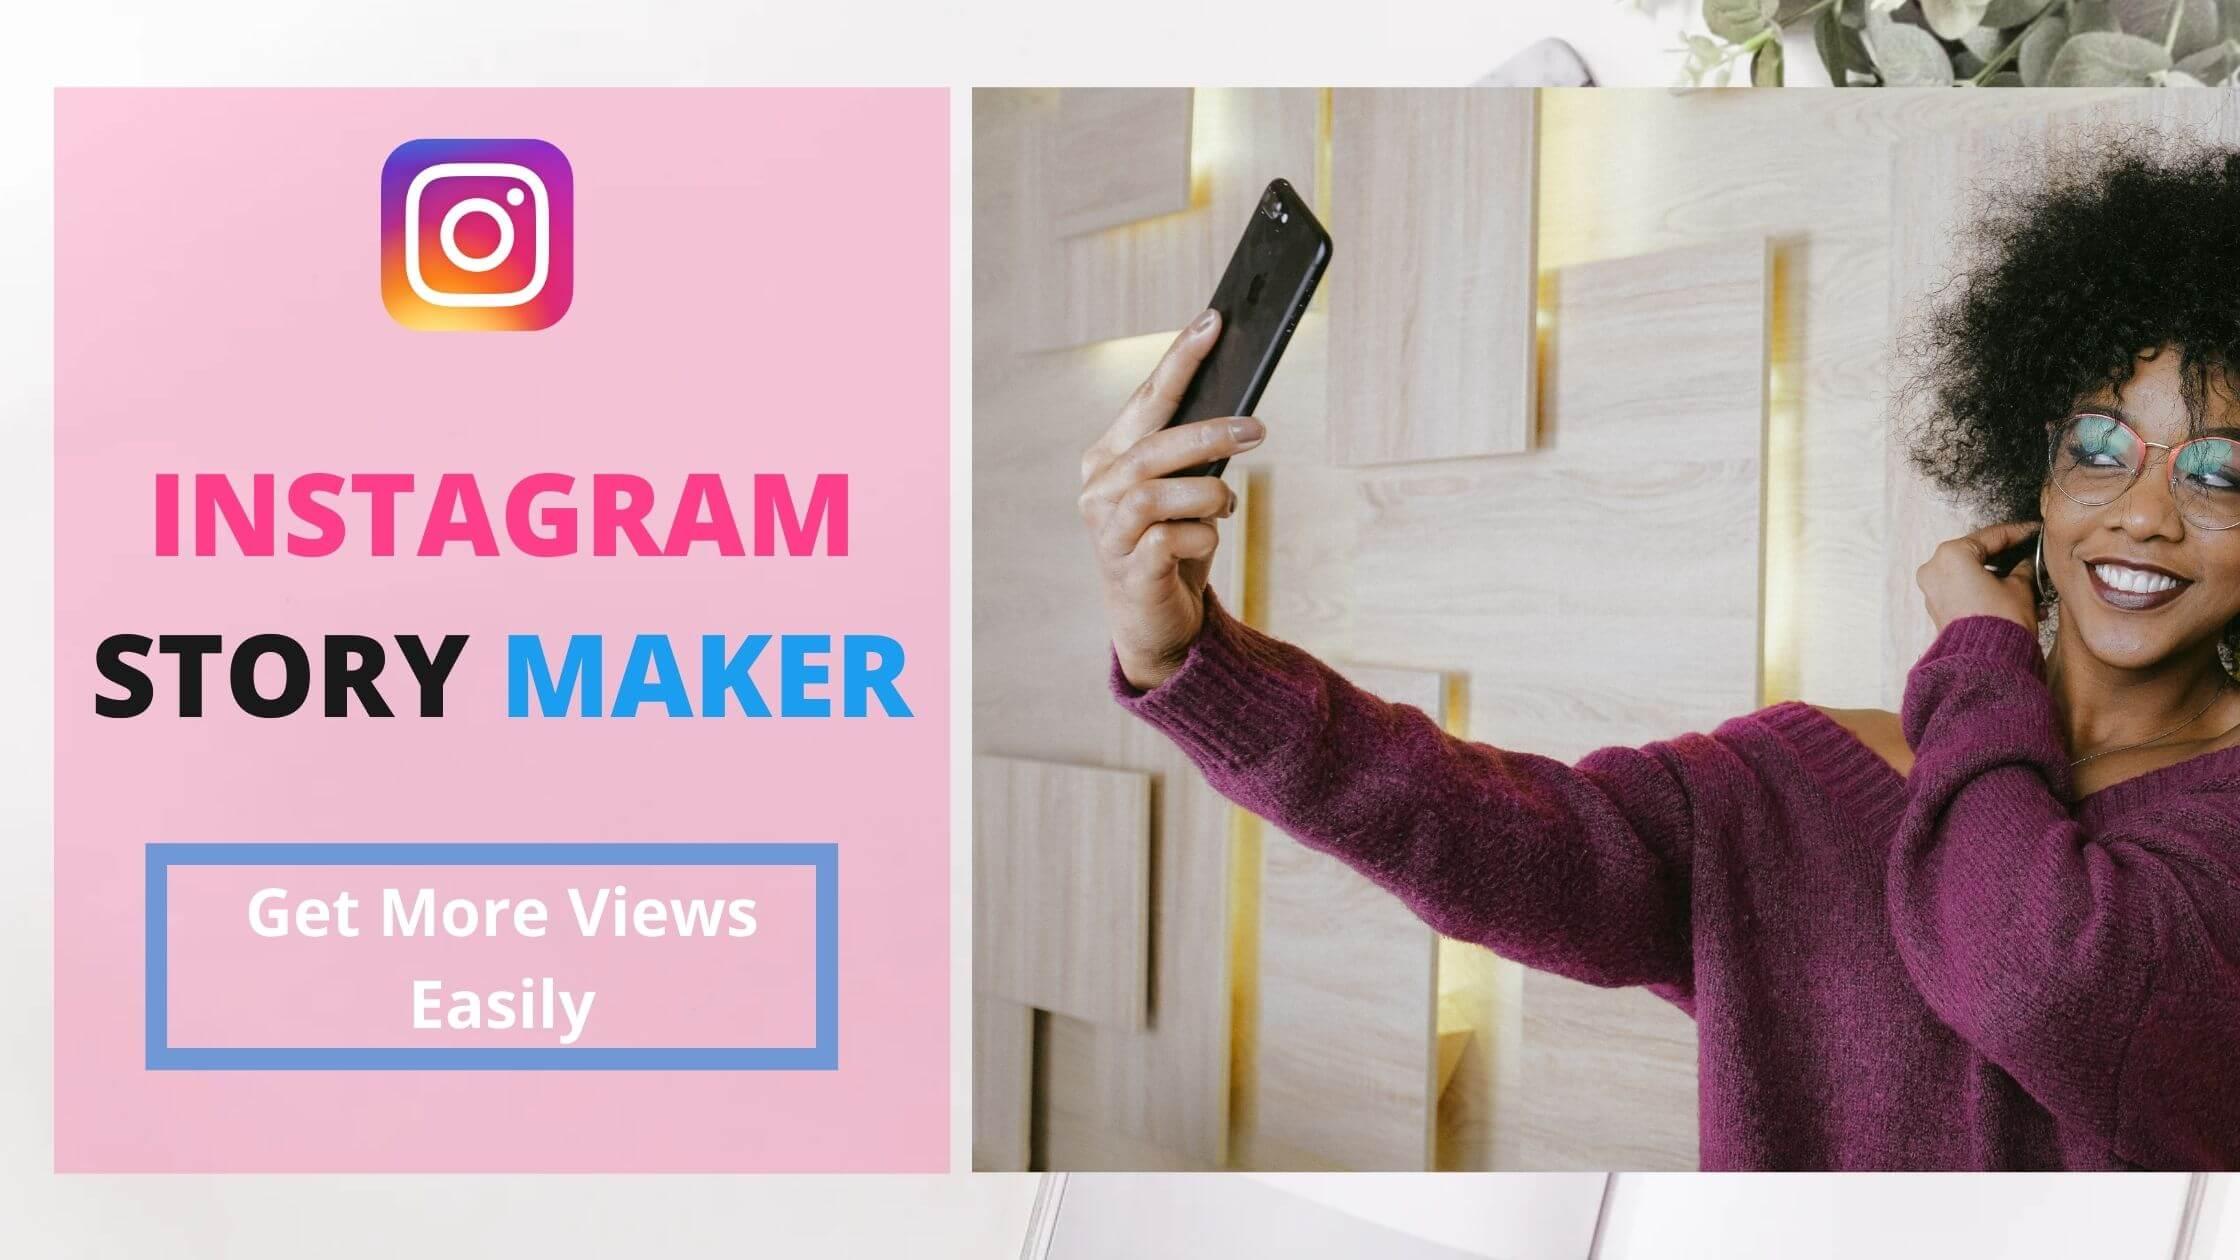 Instagram story maker